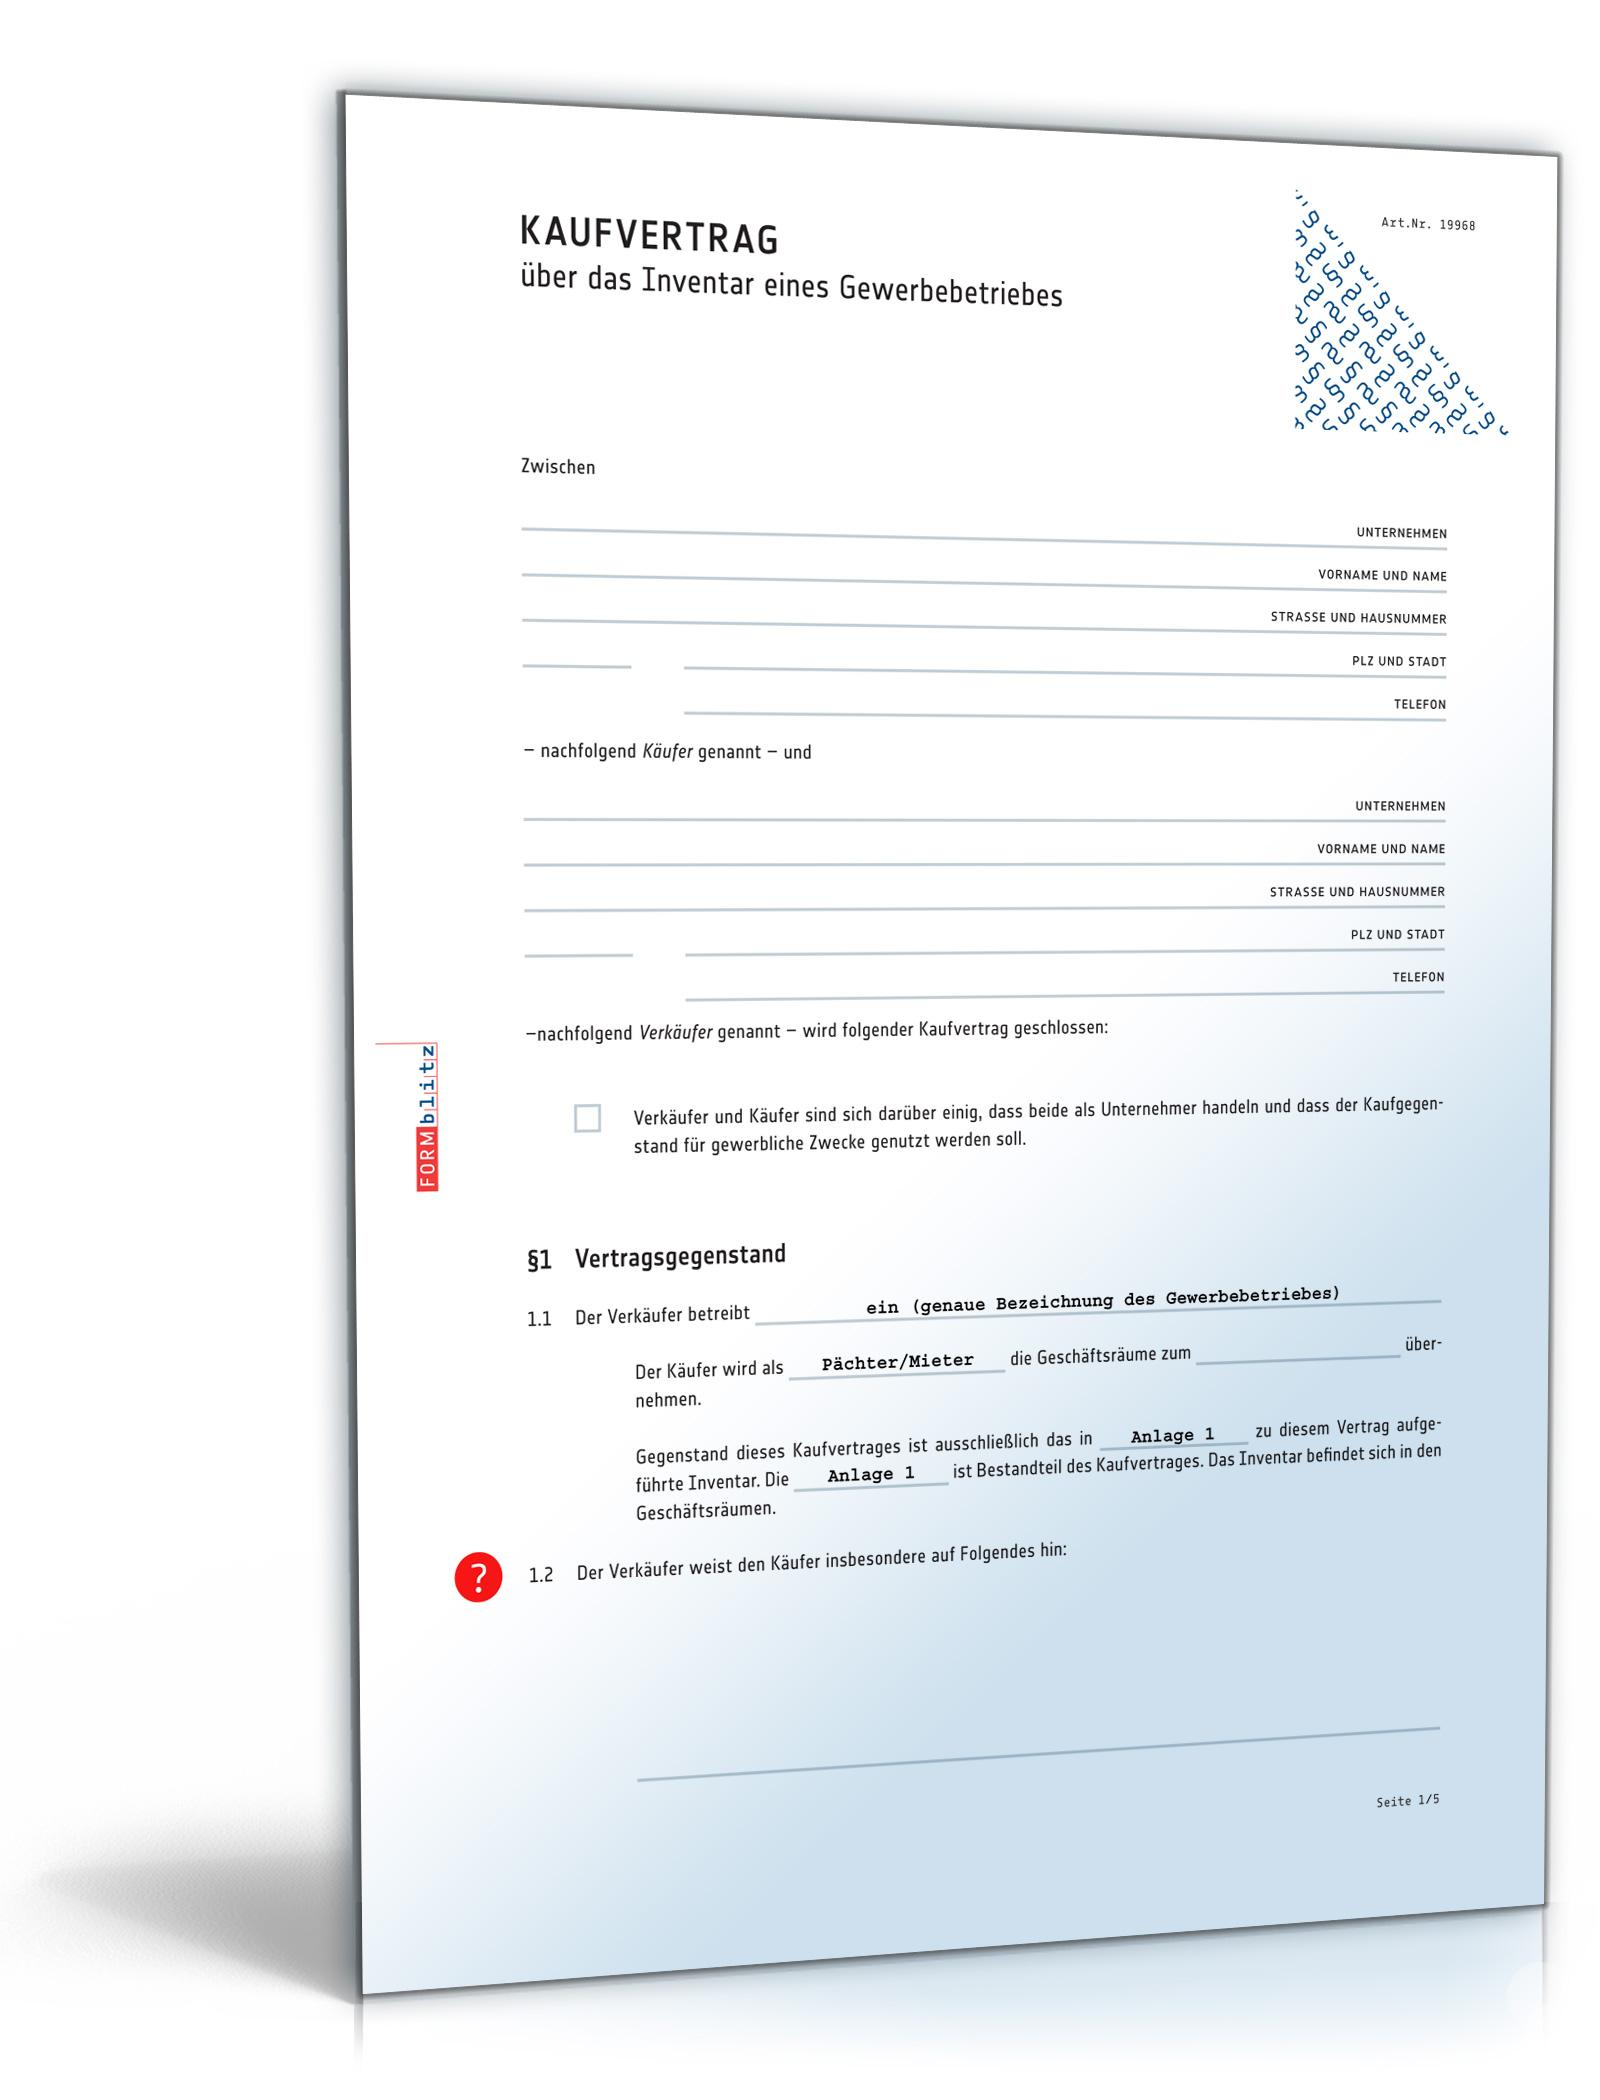 kaufvertrag inventar gewerbebetrieb download amazonde software - Verlangerung Elternzeit Muster